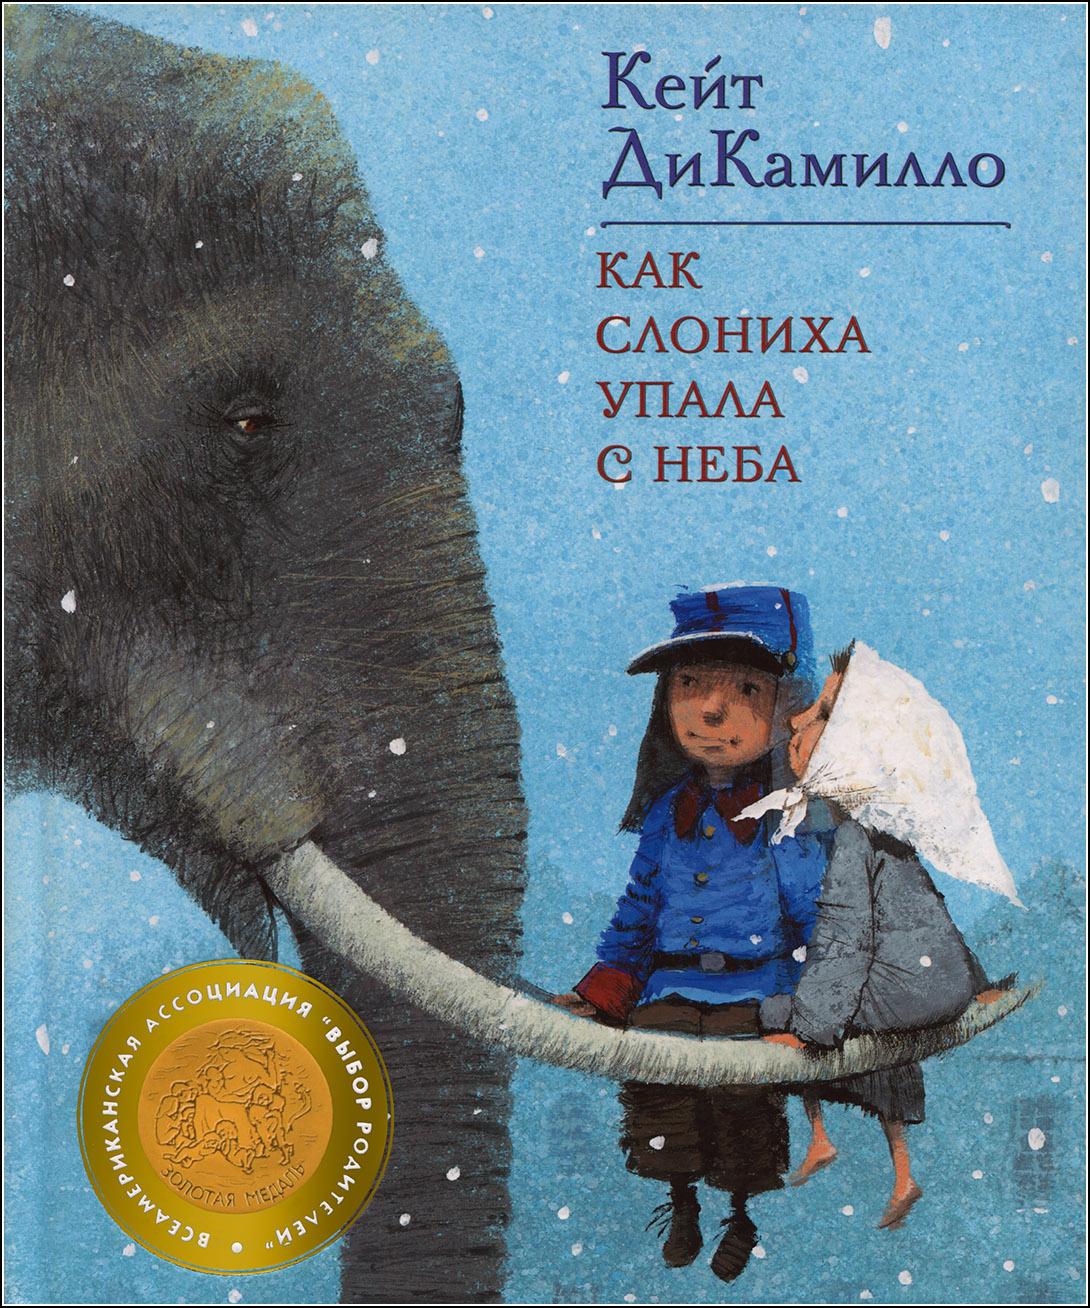 Игорь Олейников, Как слониха упала с неба